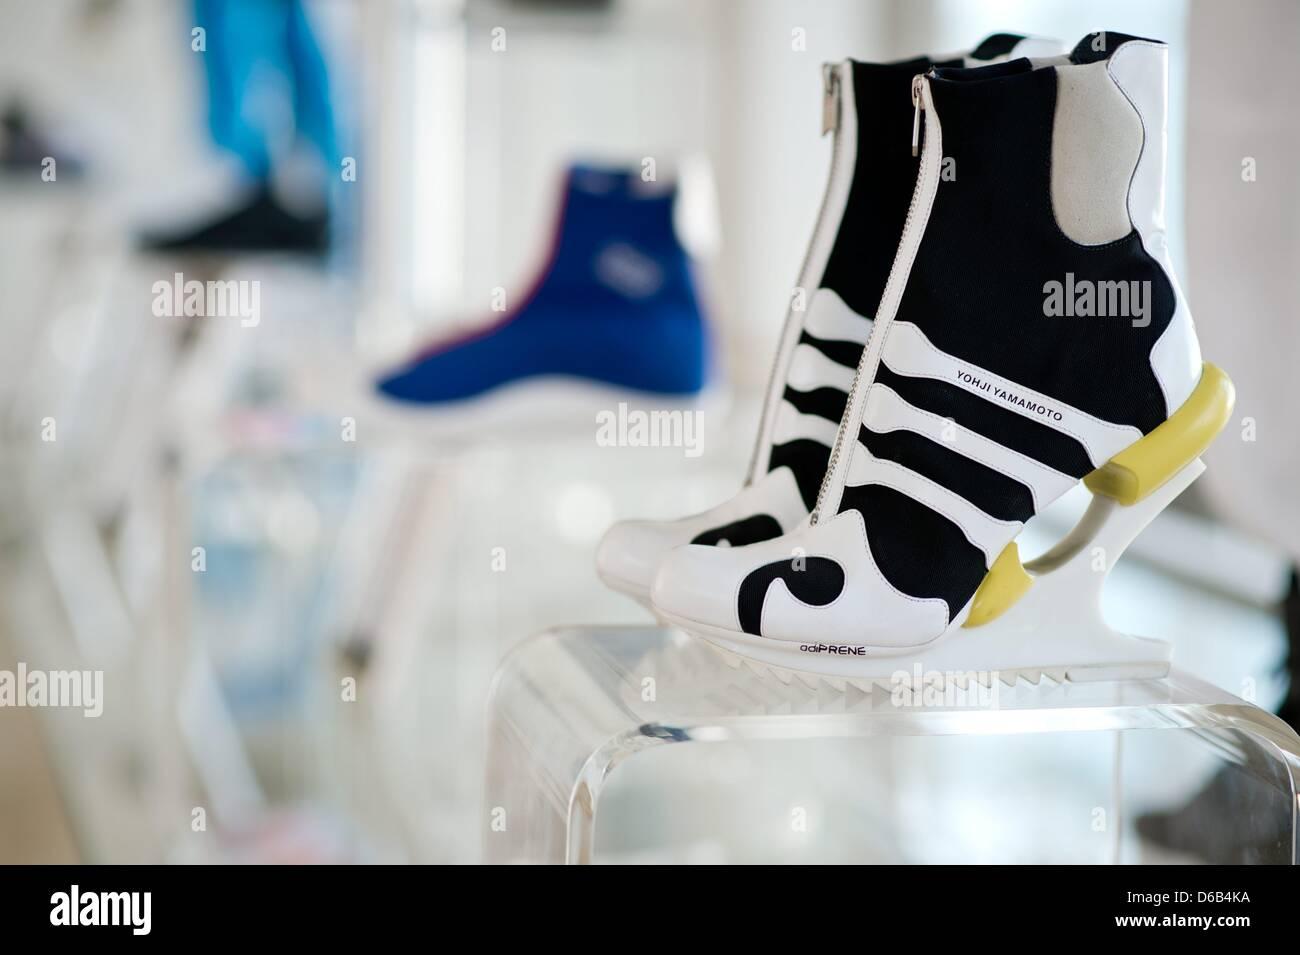 tugurio visto ropa Bienes diversos  Zapatillas de mujer Adidas futurista por el diseñador Yohji Yamamoto se  muestran en la sede central de la compañía en Herzogenaurach, Alemania, 17  de agosto de 2012. Foto: David Ebener Fotografía de